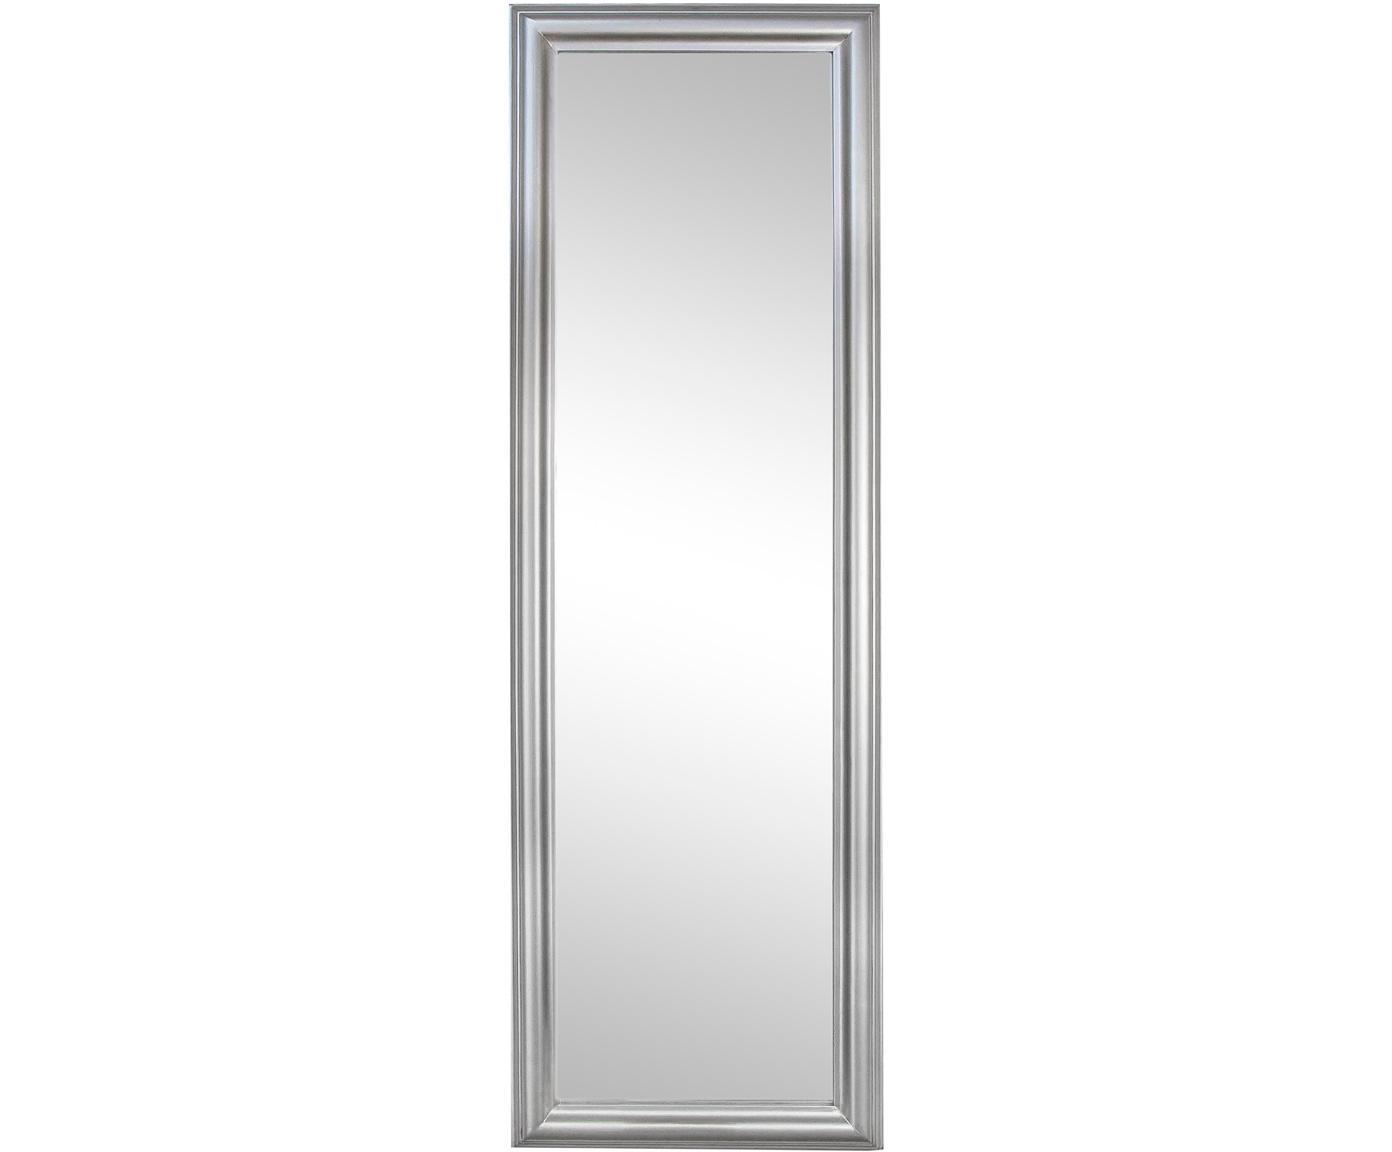 Wandspiegel Sanzio, Rahmen: Holz, beschichtet, Spiegelfläche: Spiegelglas, Silberfarben, 42 x 132 cm